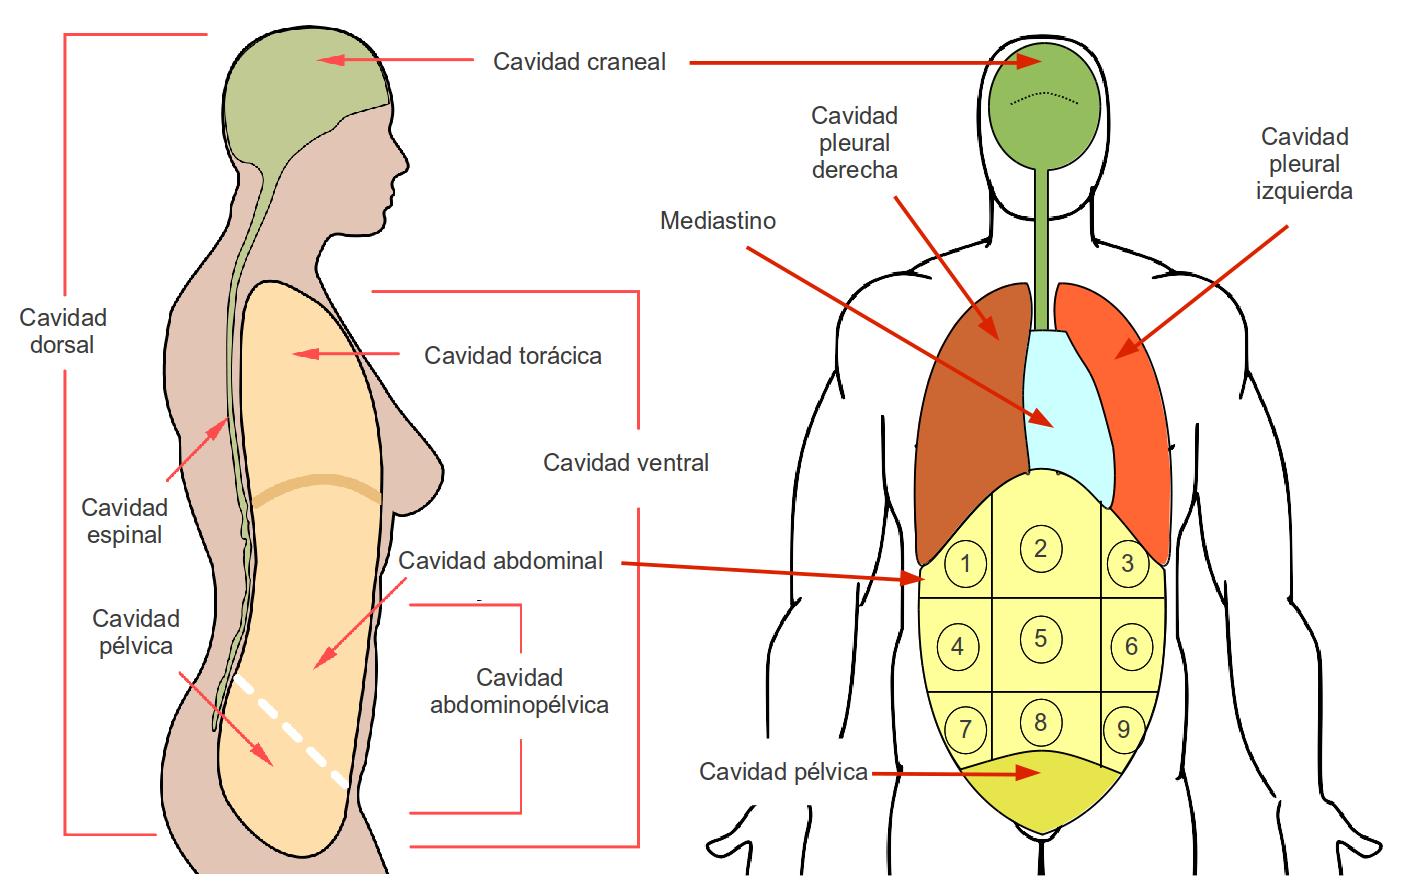 Famoso Diagrama Cavidad Corporal Friso - Anatomía de Las Imágenesdel ...